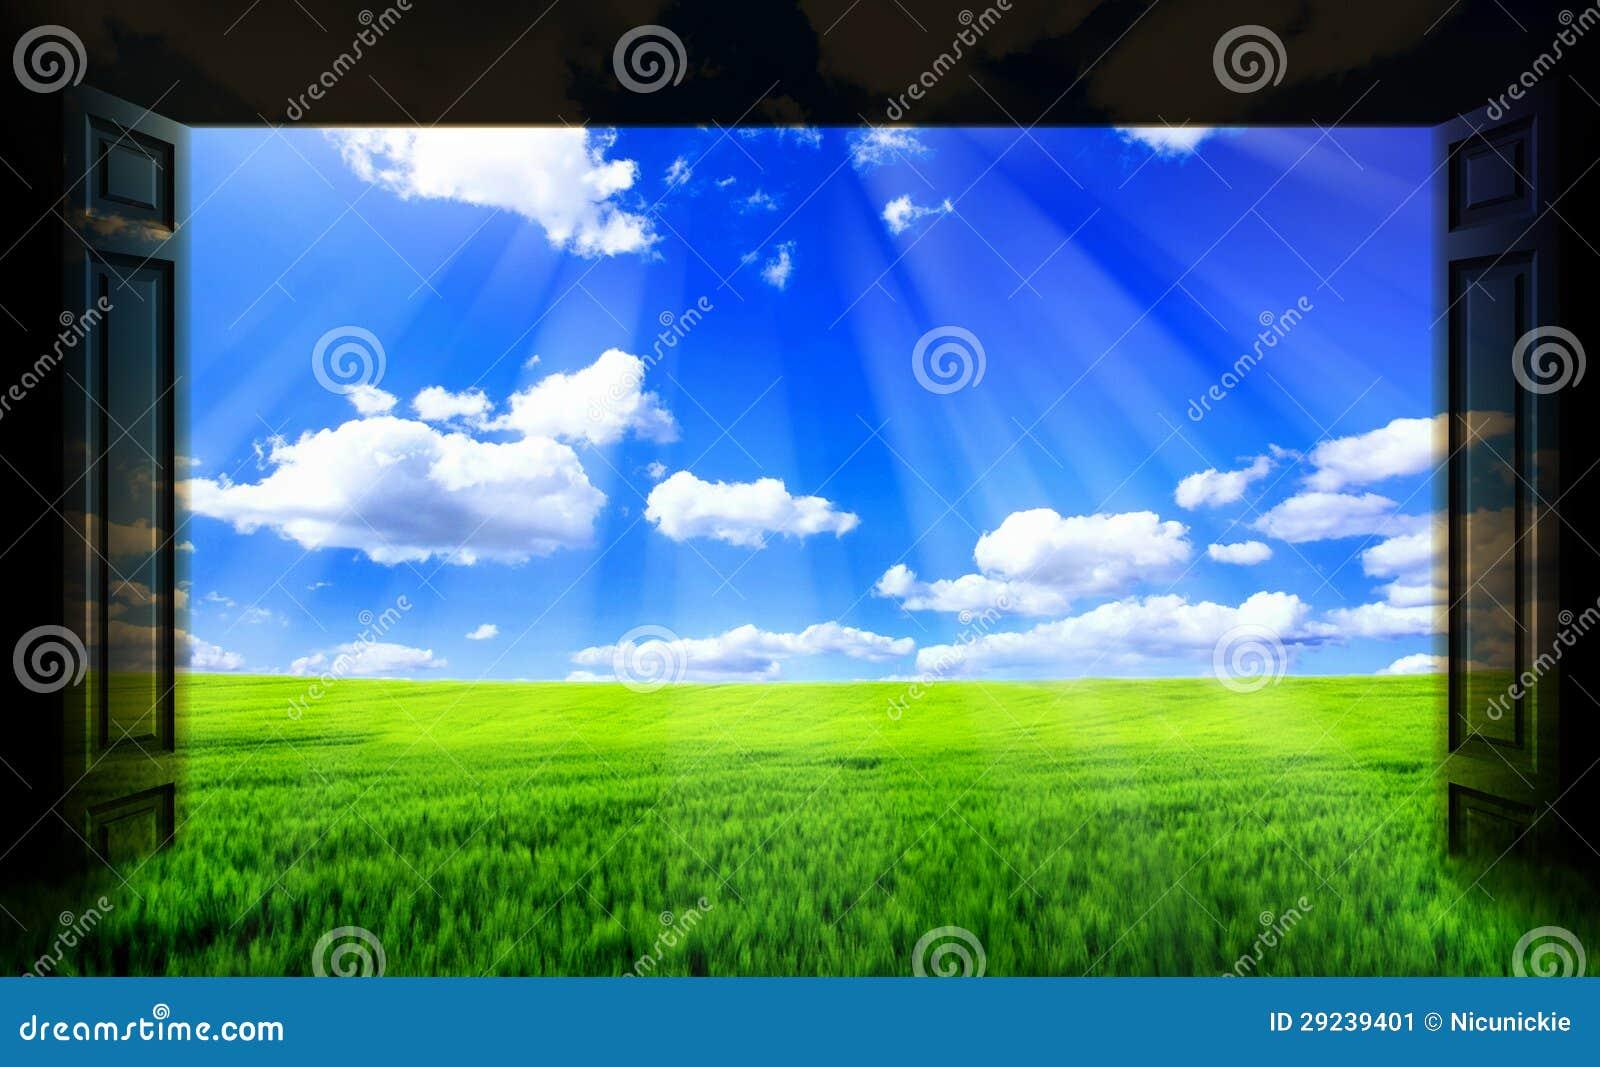 Download As portas abrem imagem de stock. Imagem de home, verde - 29239401